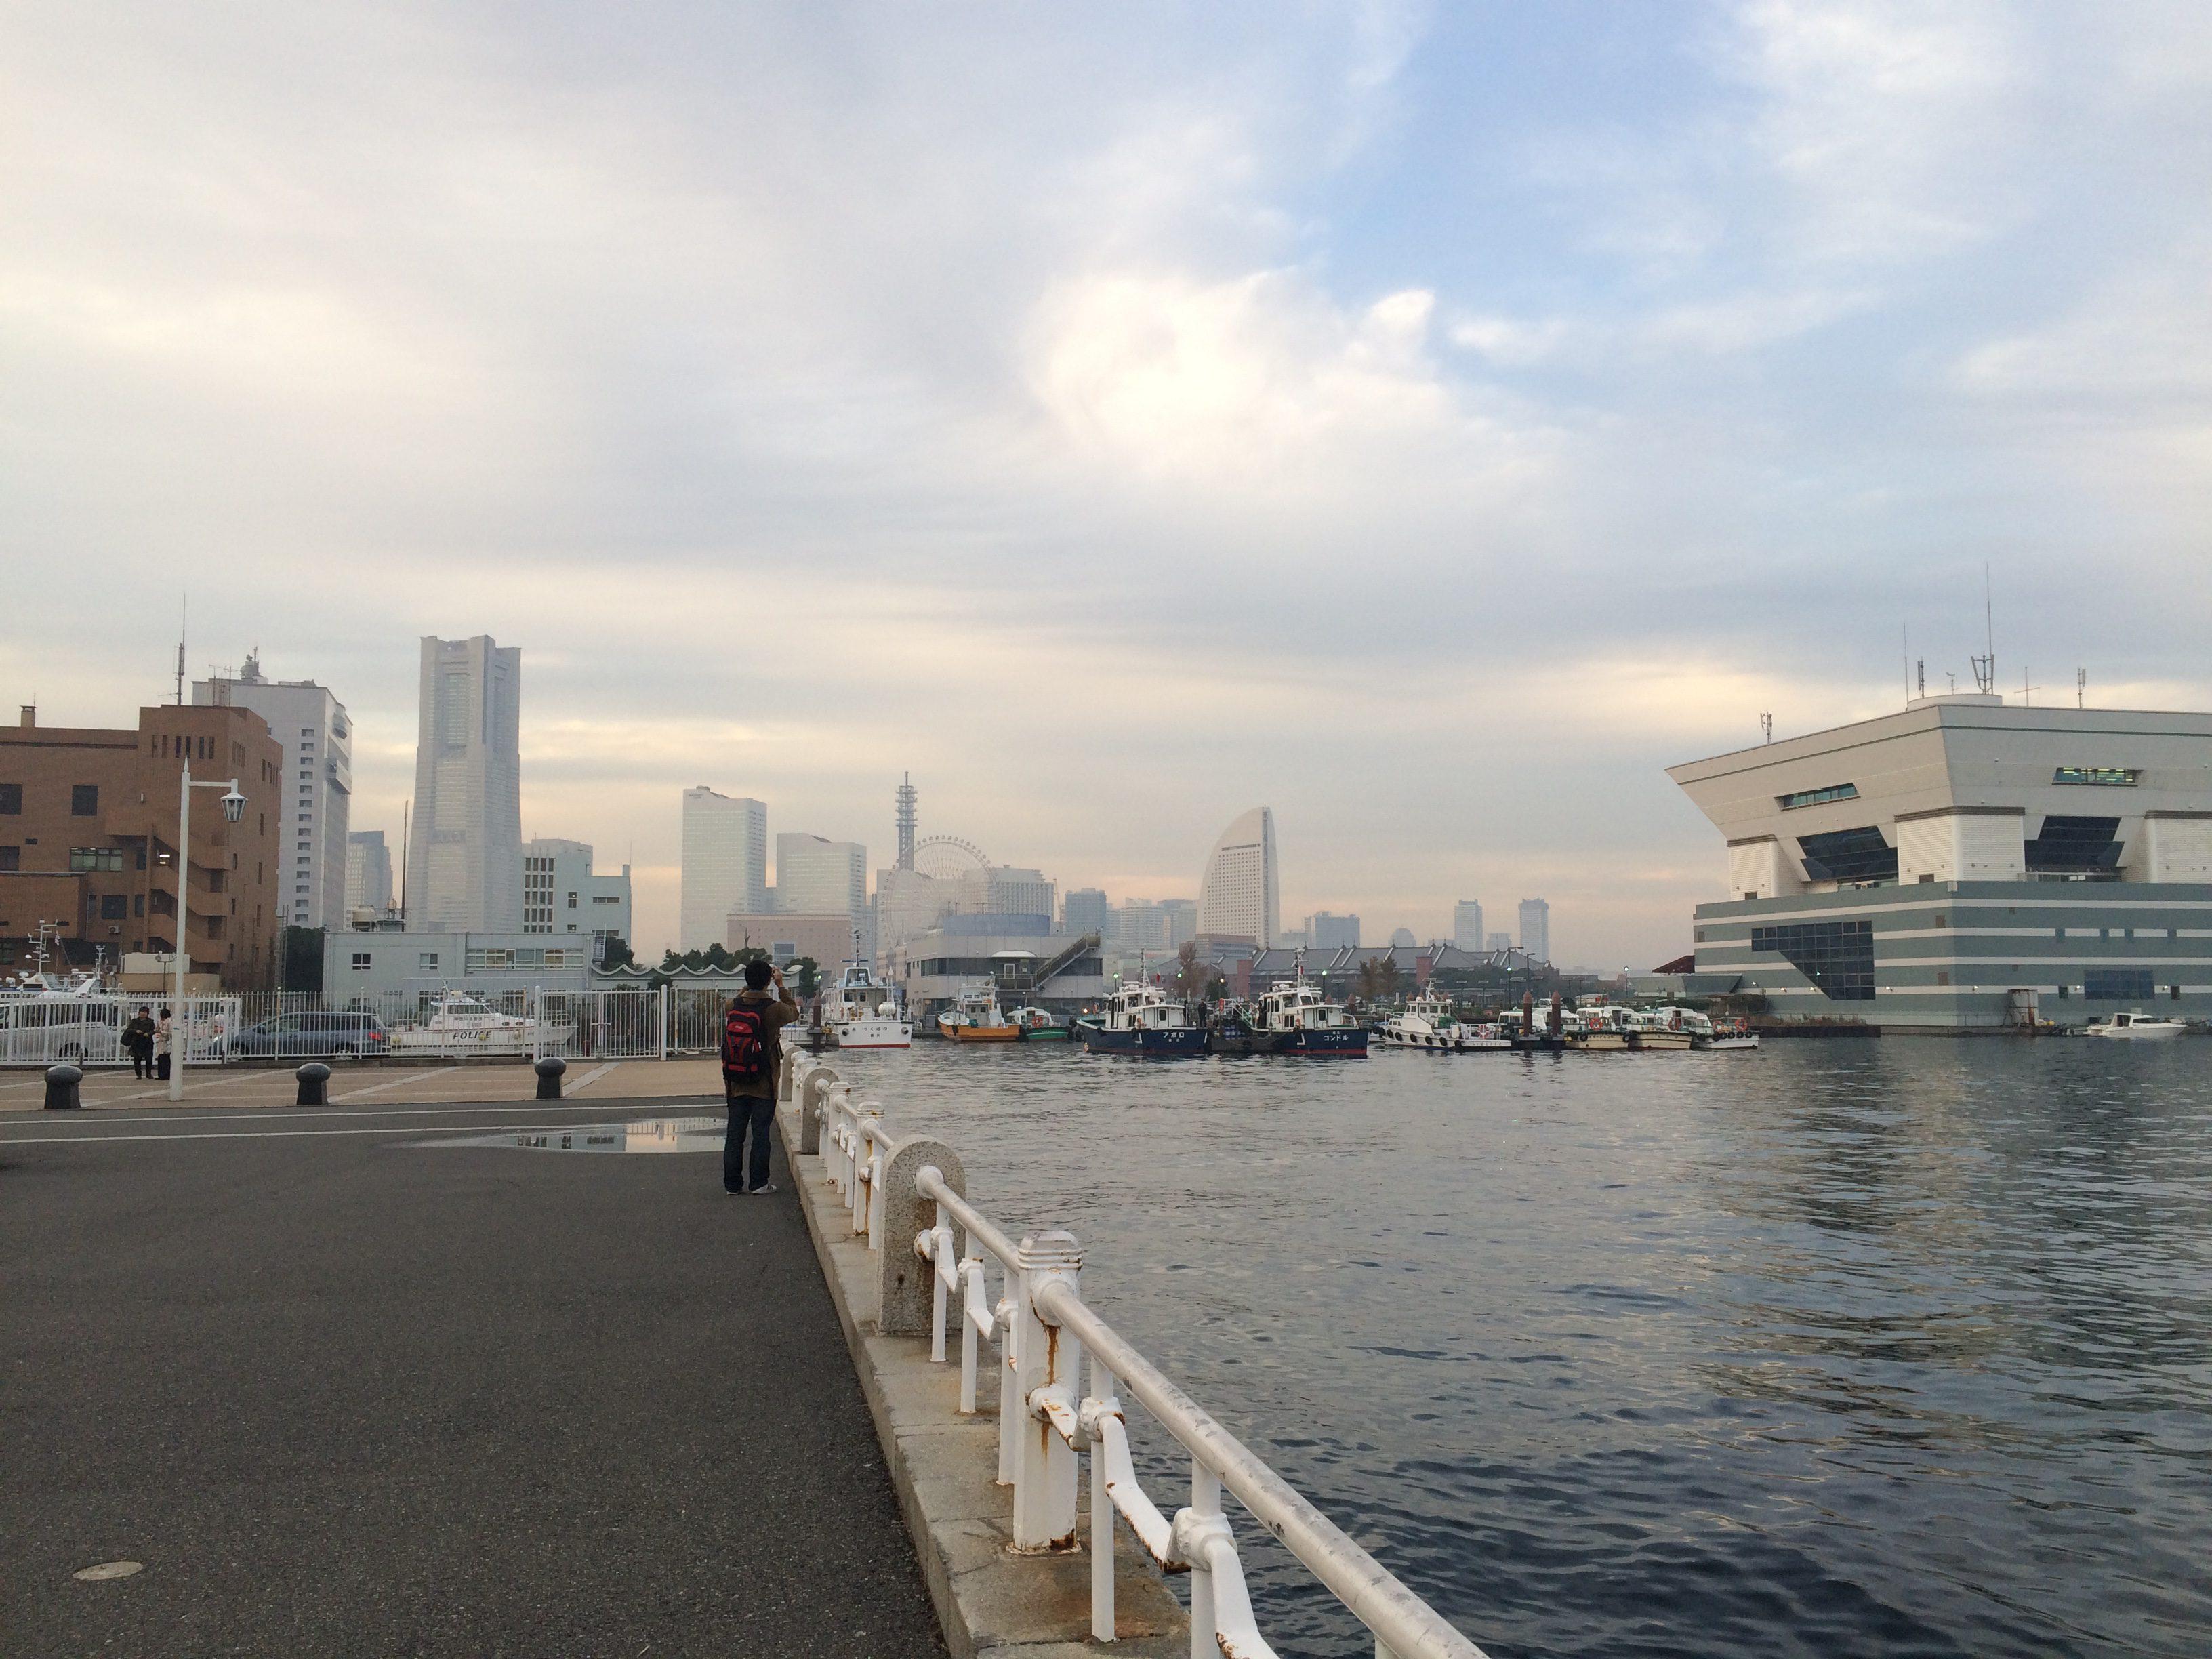 横浜の中心に住んで良かったこと・大変だったこと